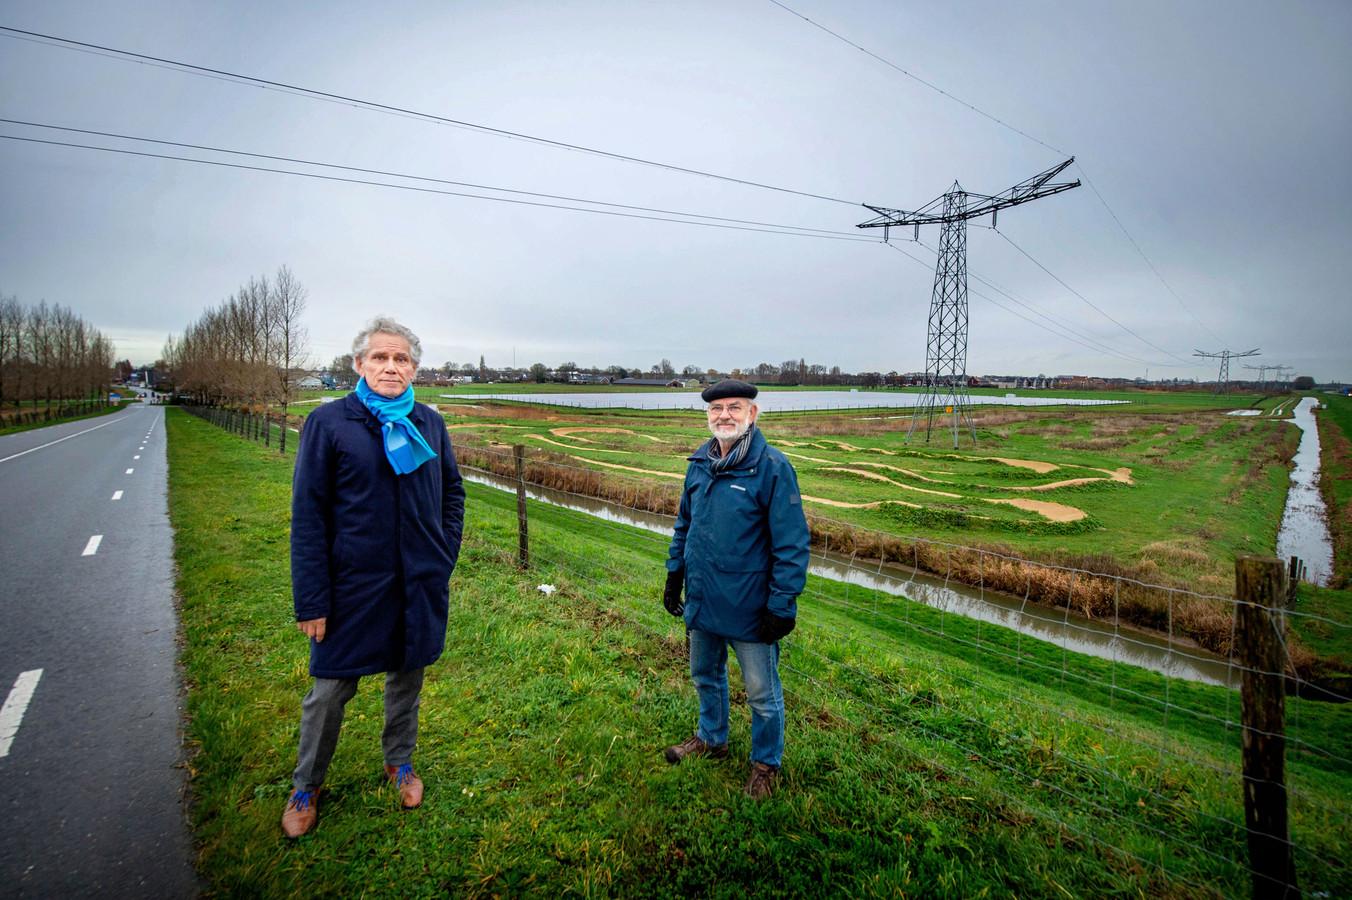 Henk van Elk en Han Blok bij de zonnepanelen aan de zijveld in Beneden-Leeuwen.